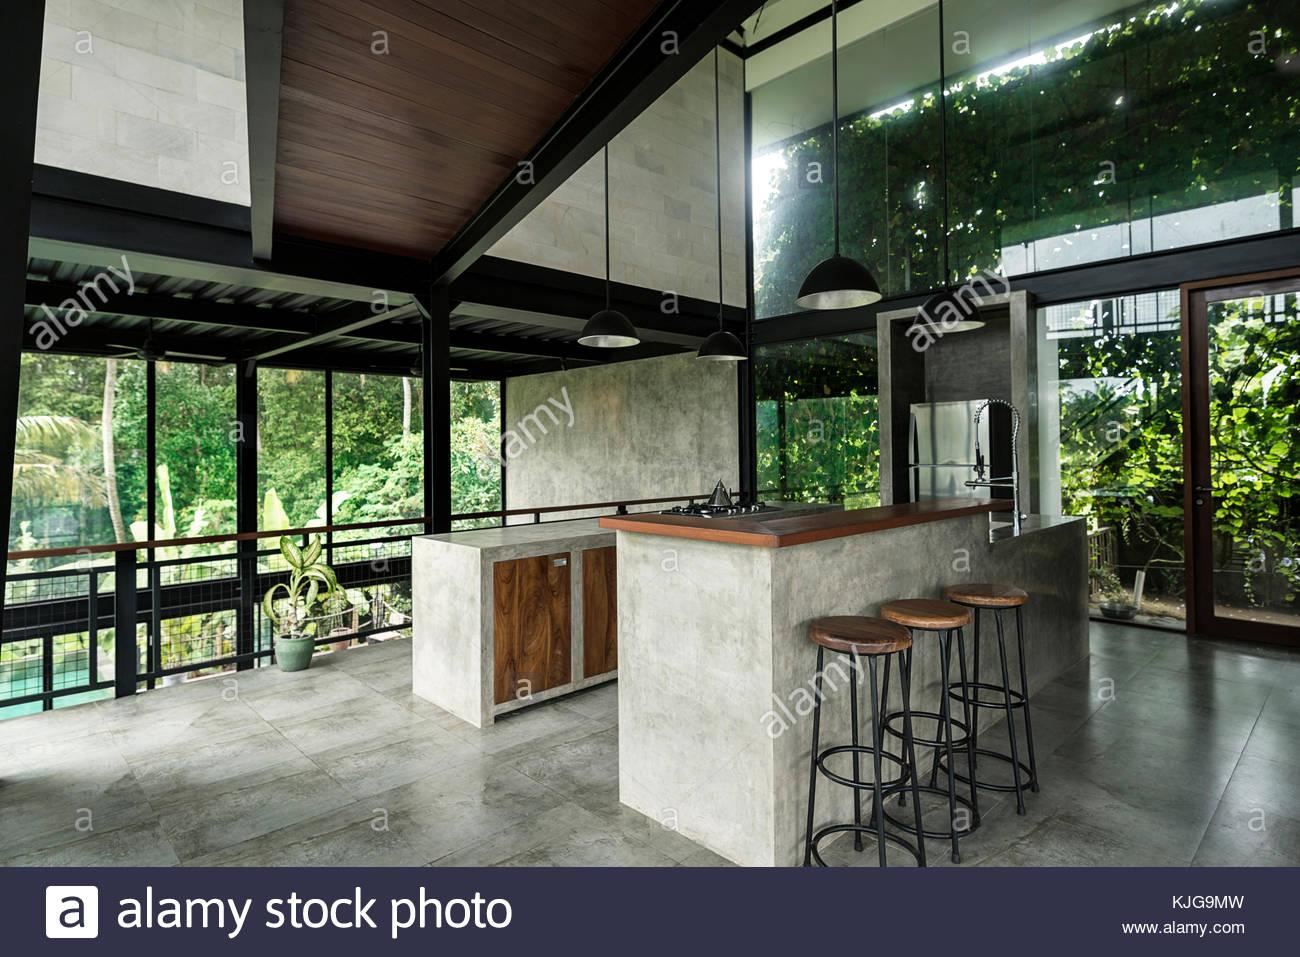 Cuisine moderne et minimaliste du design contemporain maison avec ...